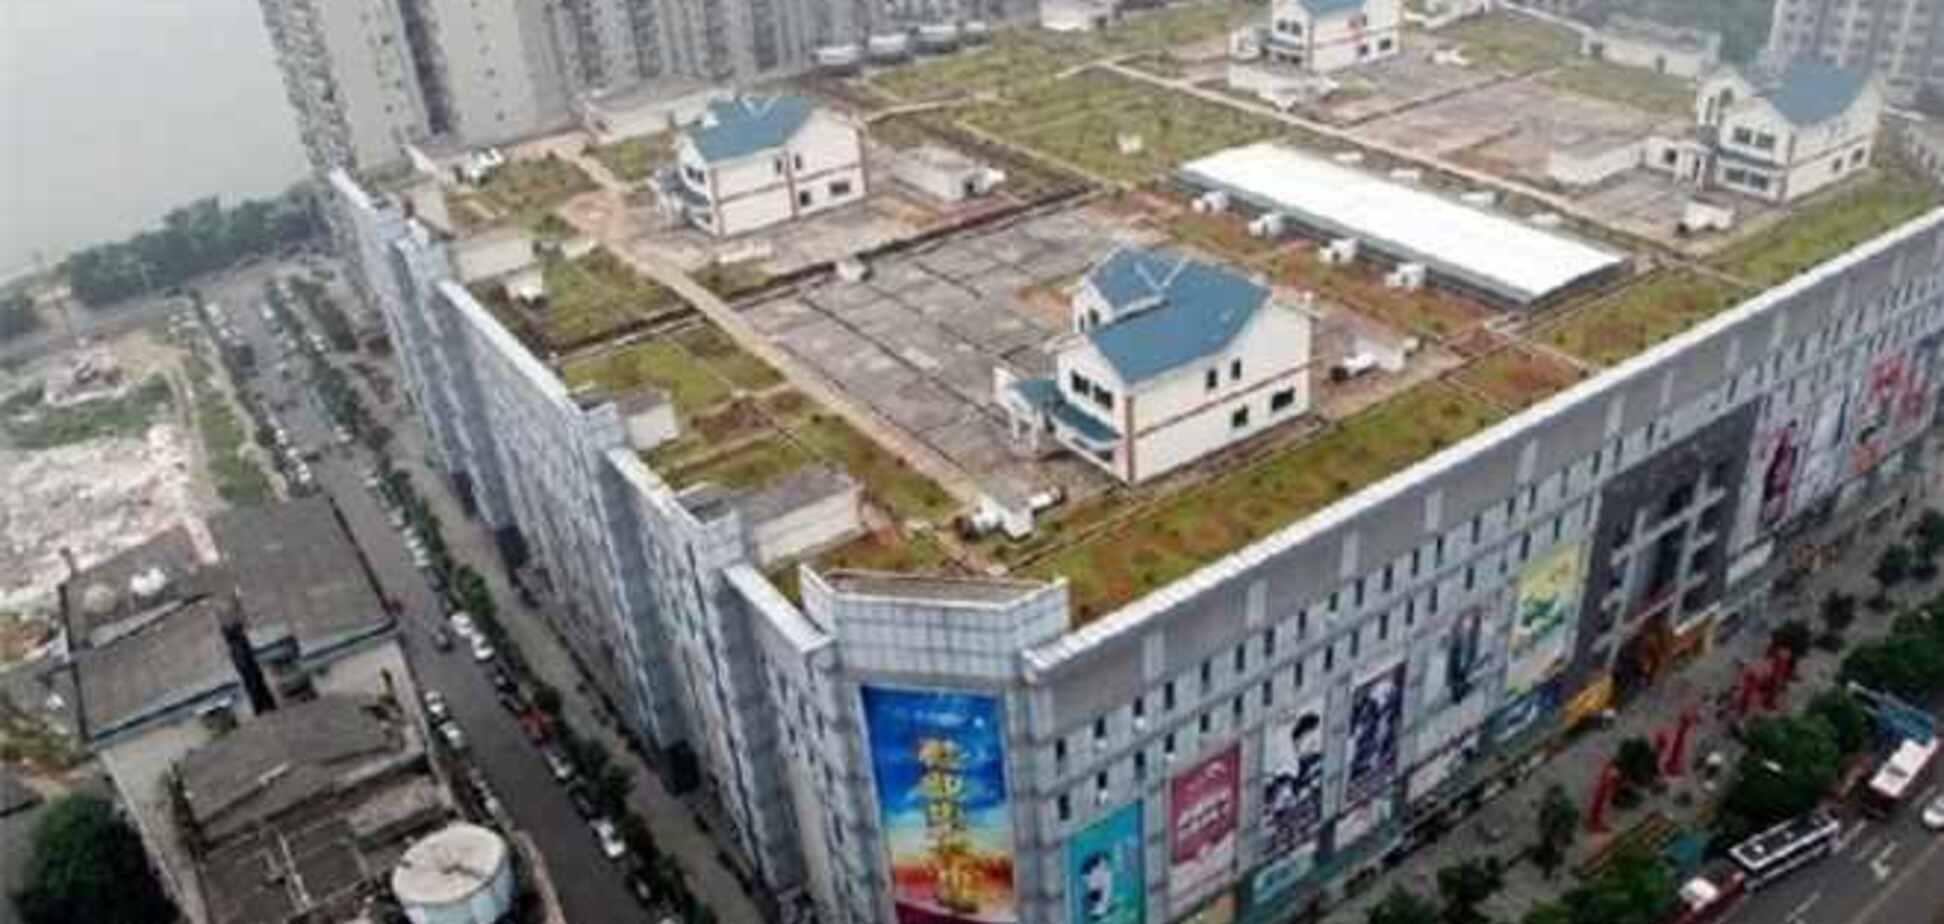 Китайские власти поручили снести скандальную виллу на крыше дома